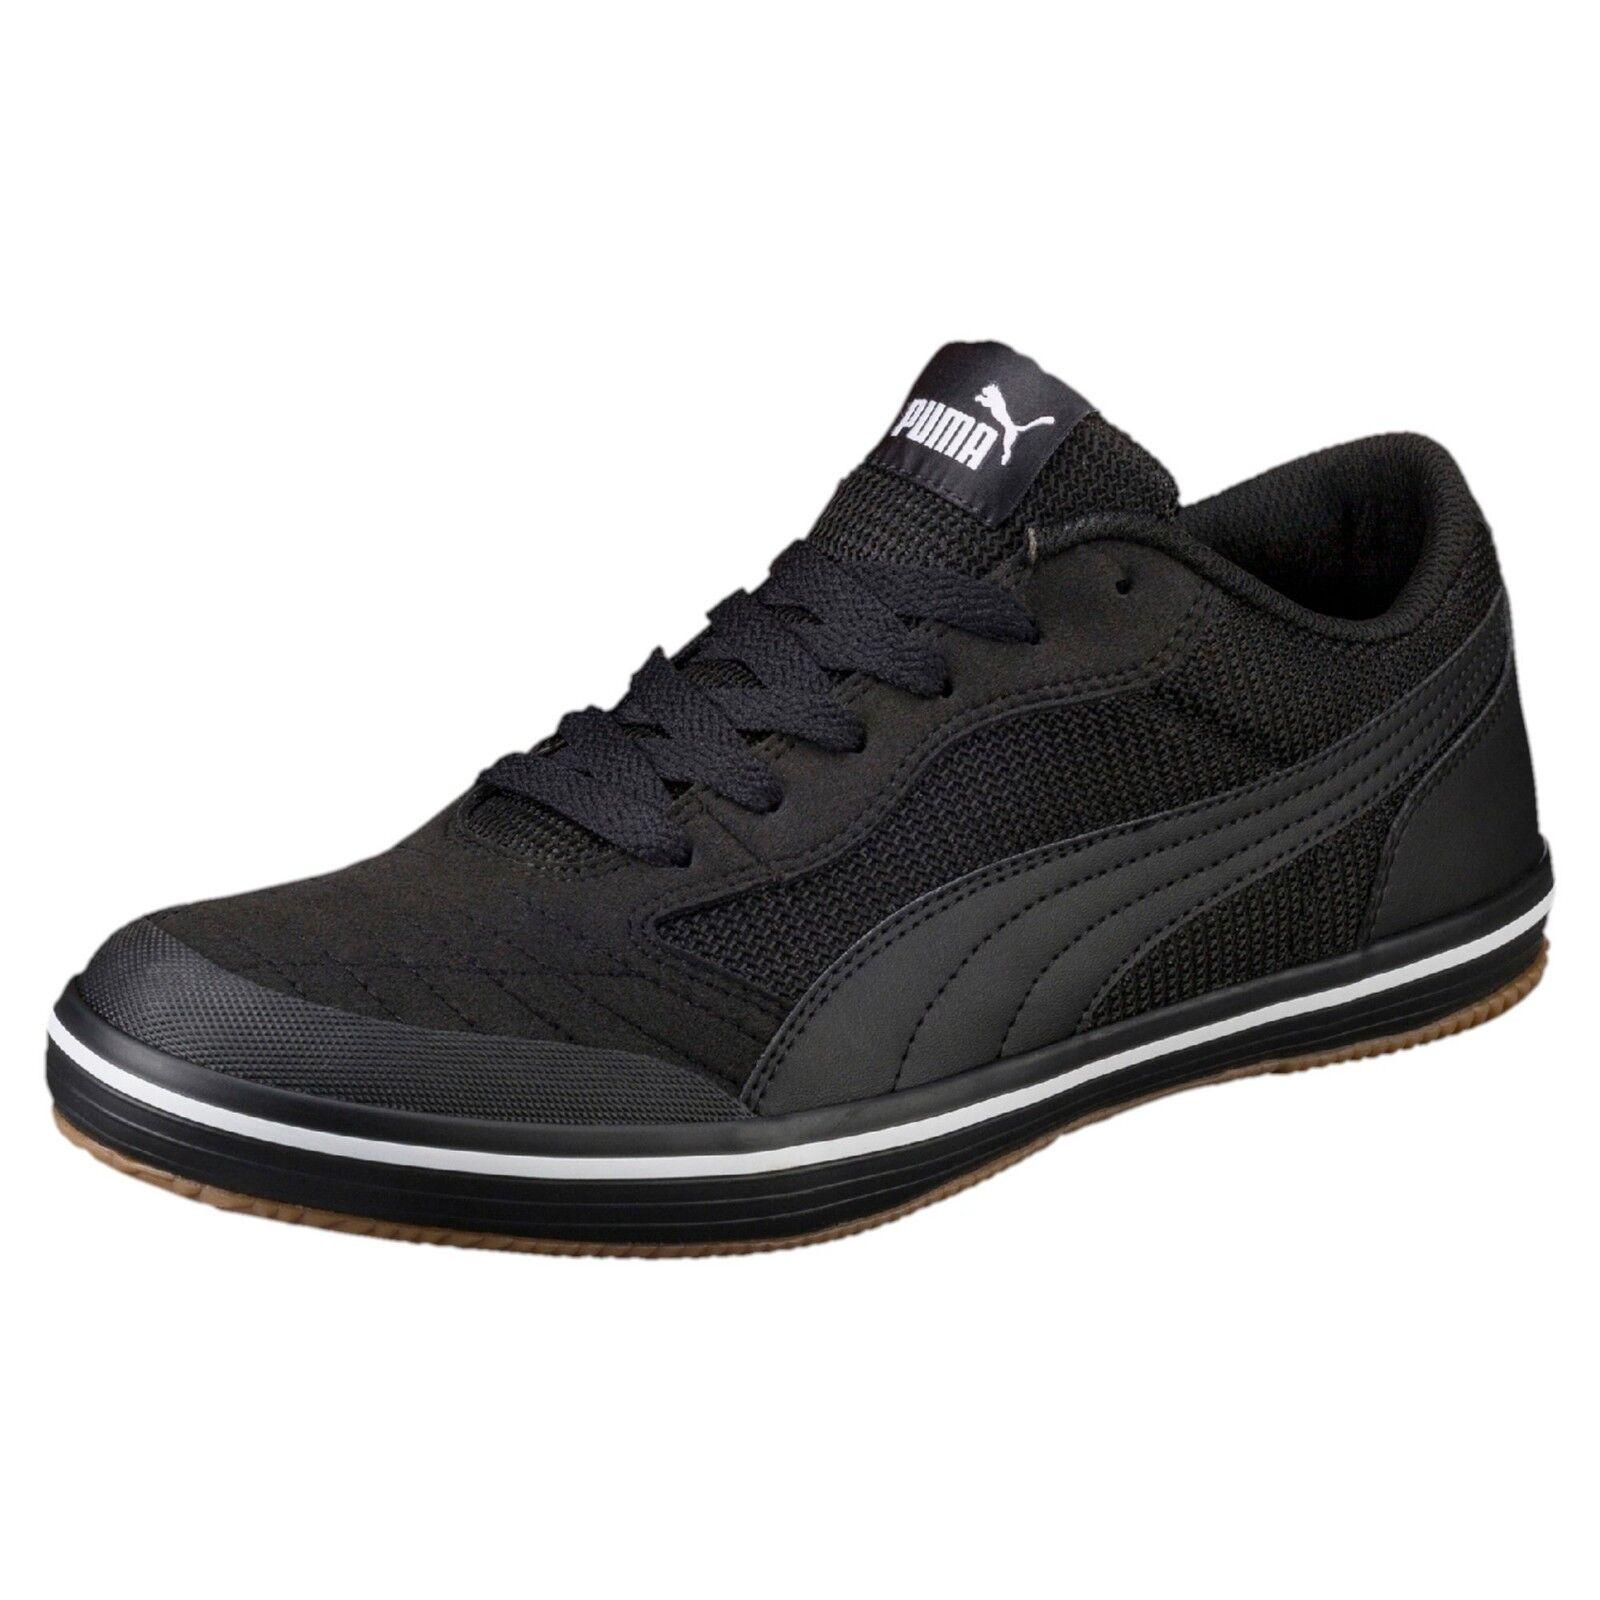 NEW Puma Basket Citi Whisper Zapatillas para hombre de de hombre moda Negro Series zapatos e79317